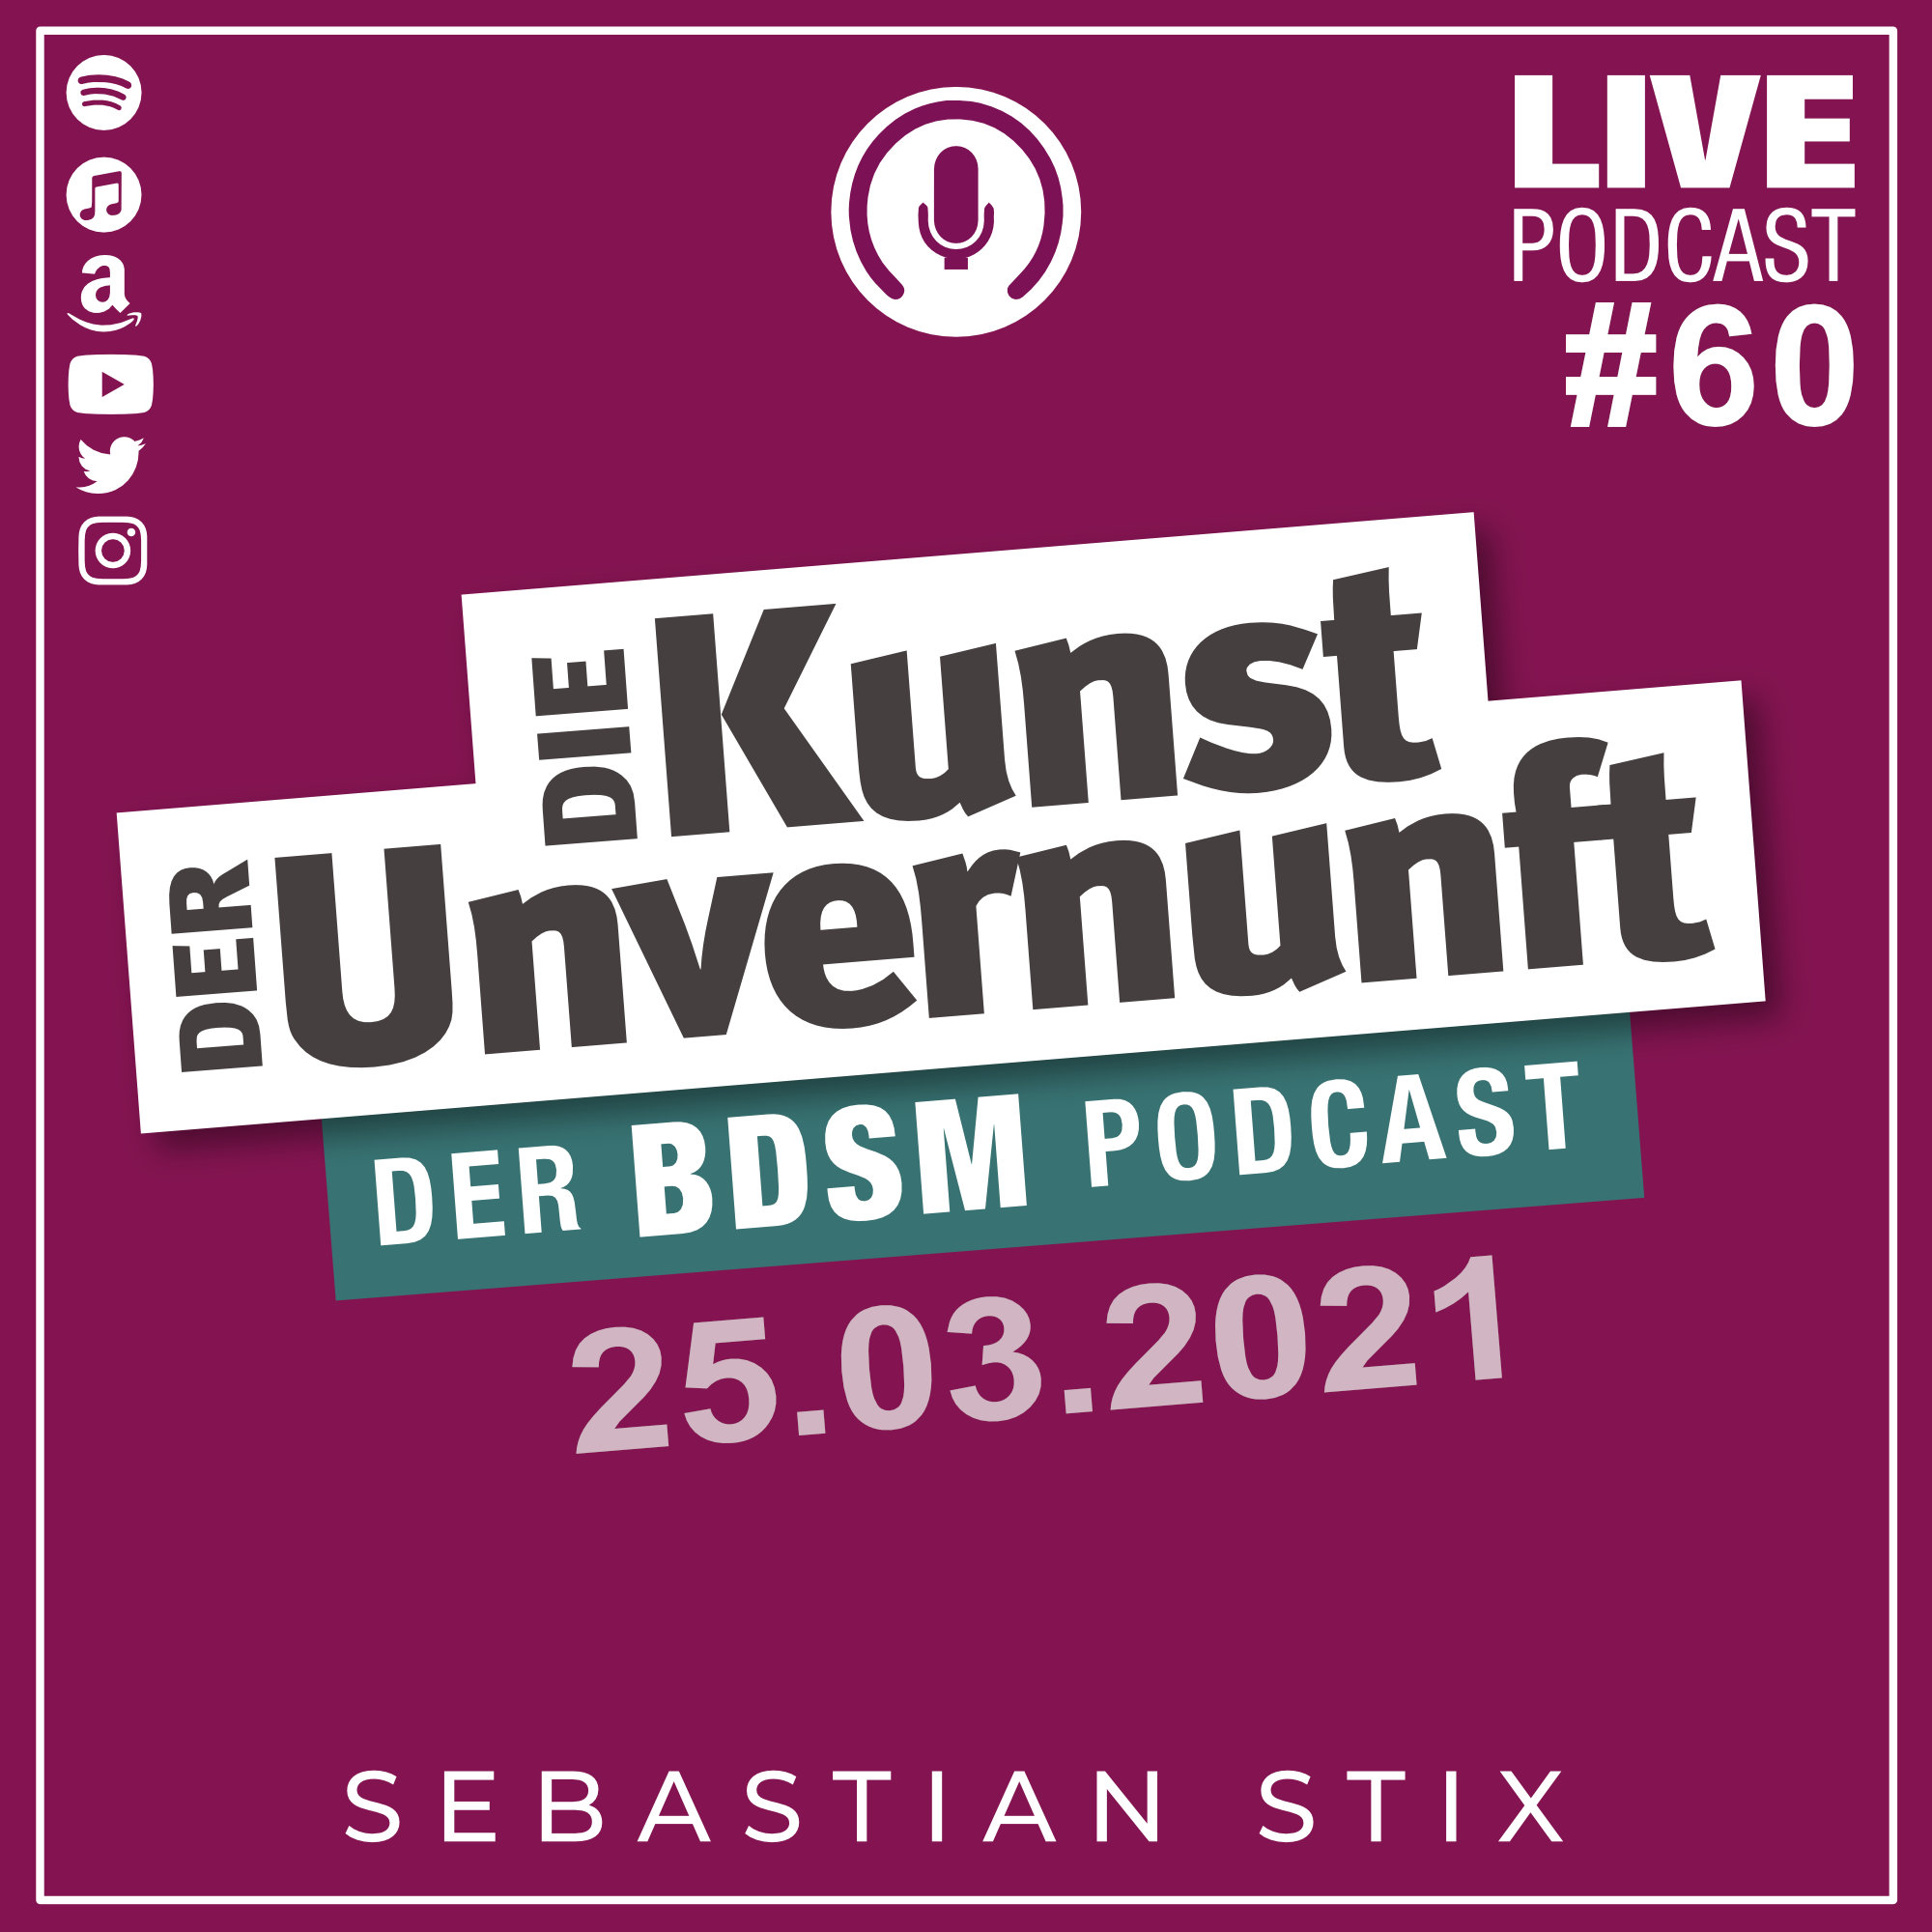 Unvernunft Live 25.03.2021 - Ein Schuss - Ein Treffer